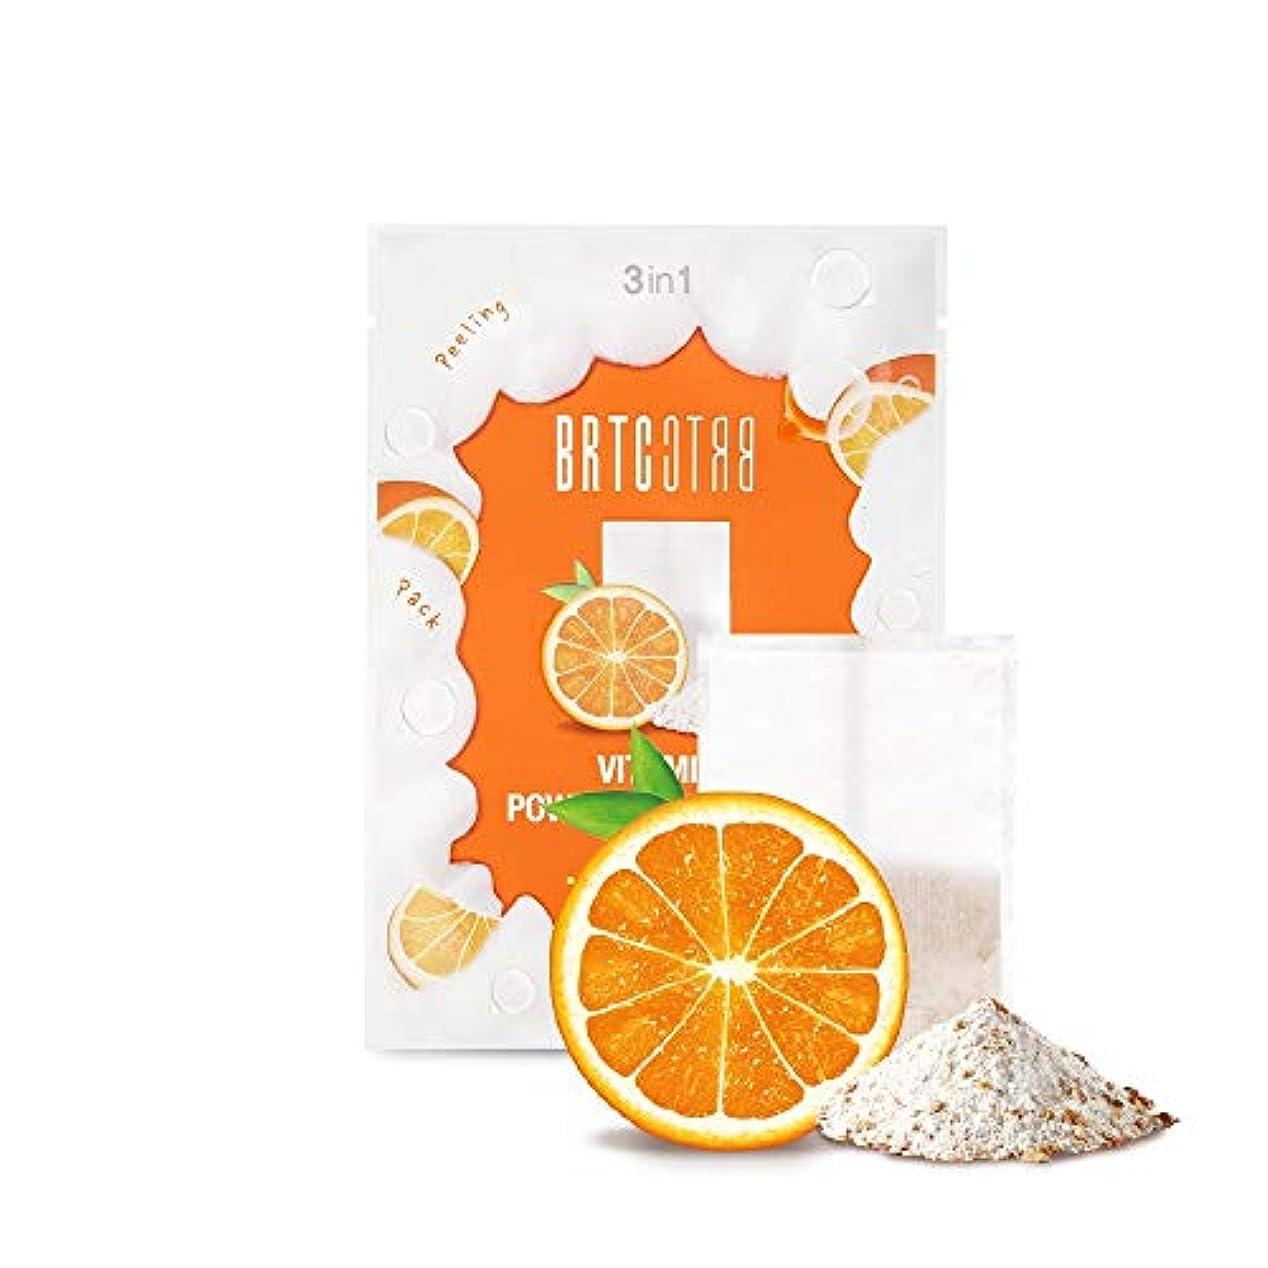 振動するネブ交流するBRTC V10ビタミンパウダークレンジングティーバッグ V10 Vitamin Powder Cleansing Tea Bag [MANDARIN&ORANGE] 1.5g * 15ea [並行輸入品]